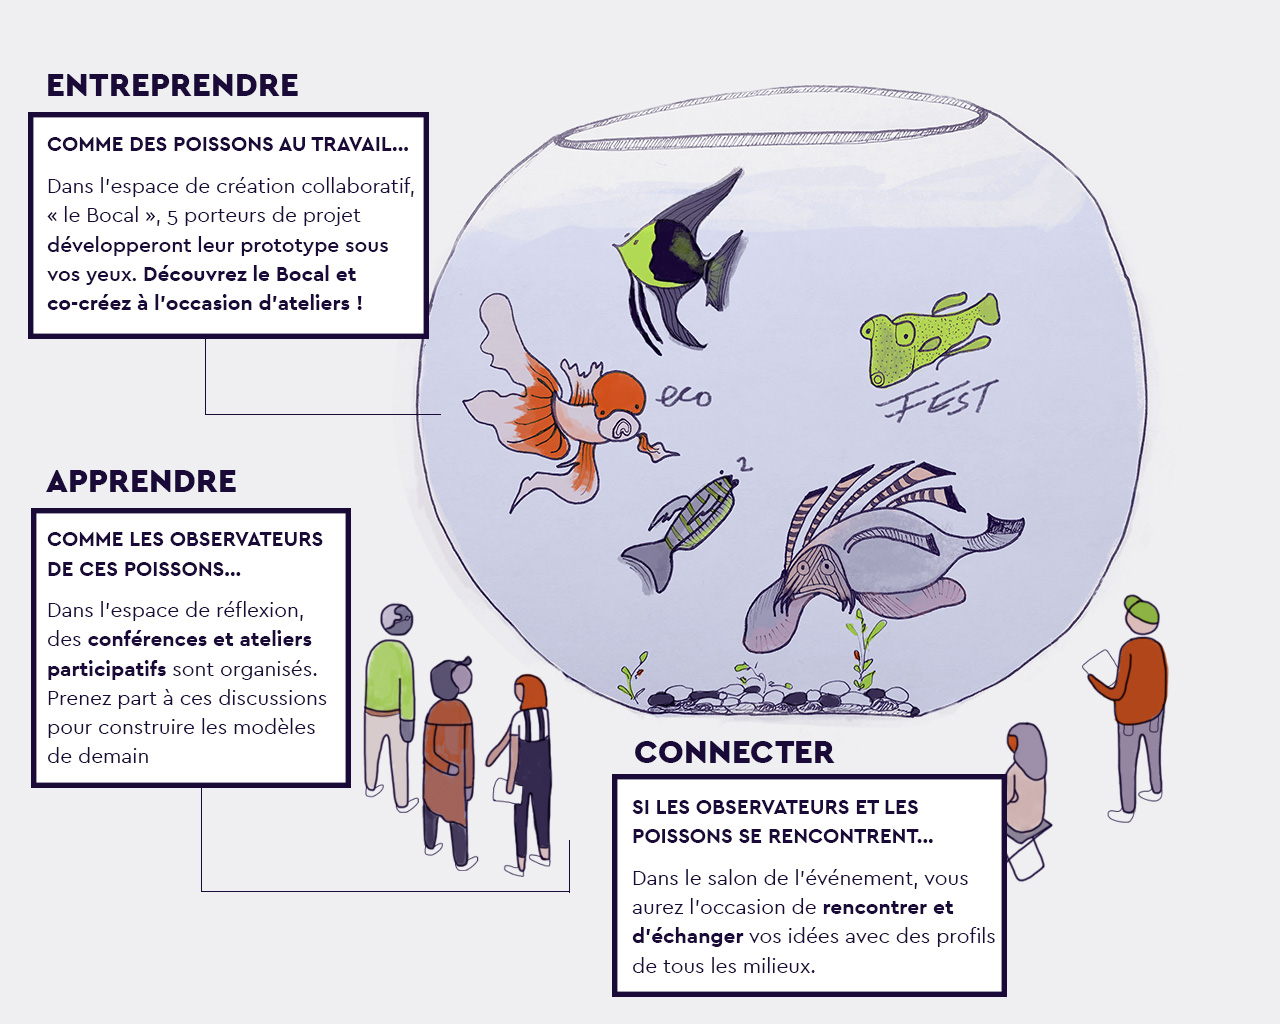 eco2fest-fishtank-BANNIERE.jpg